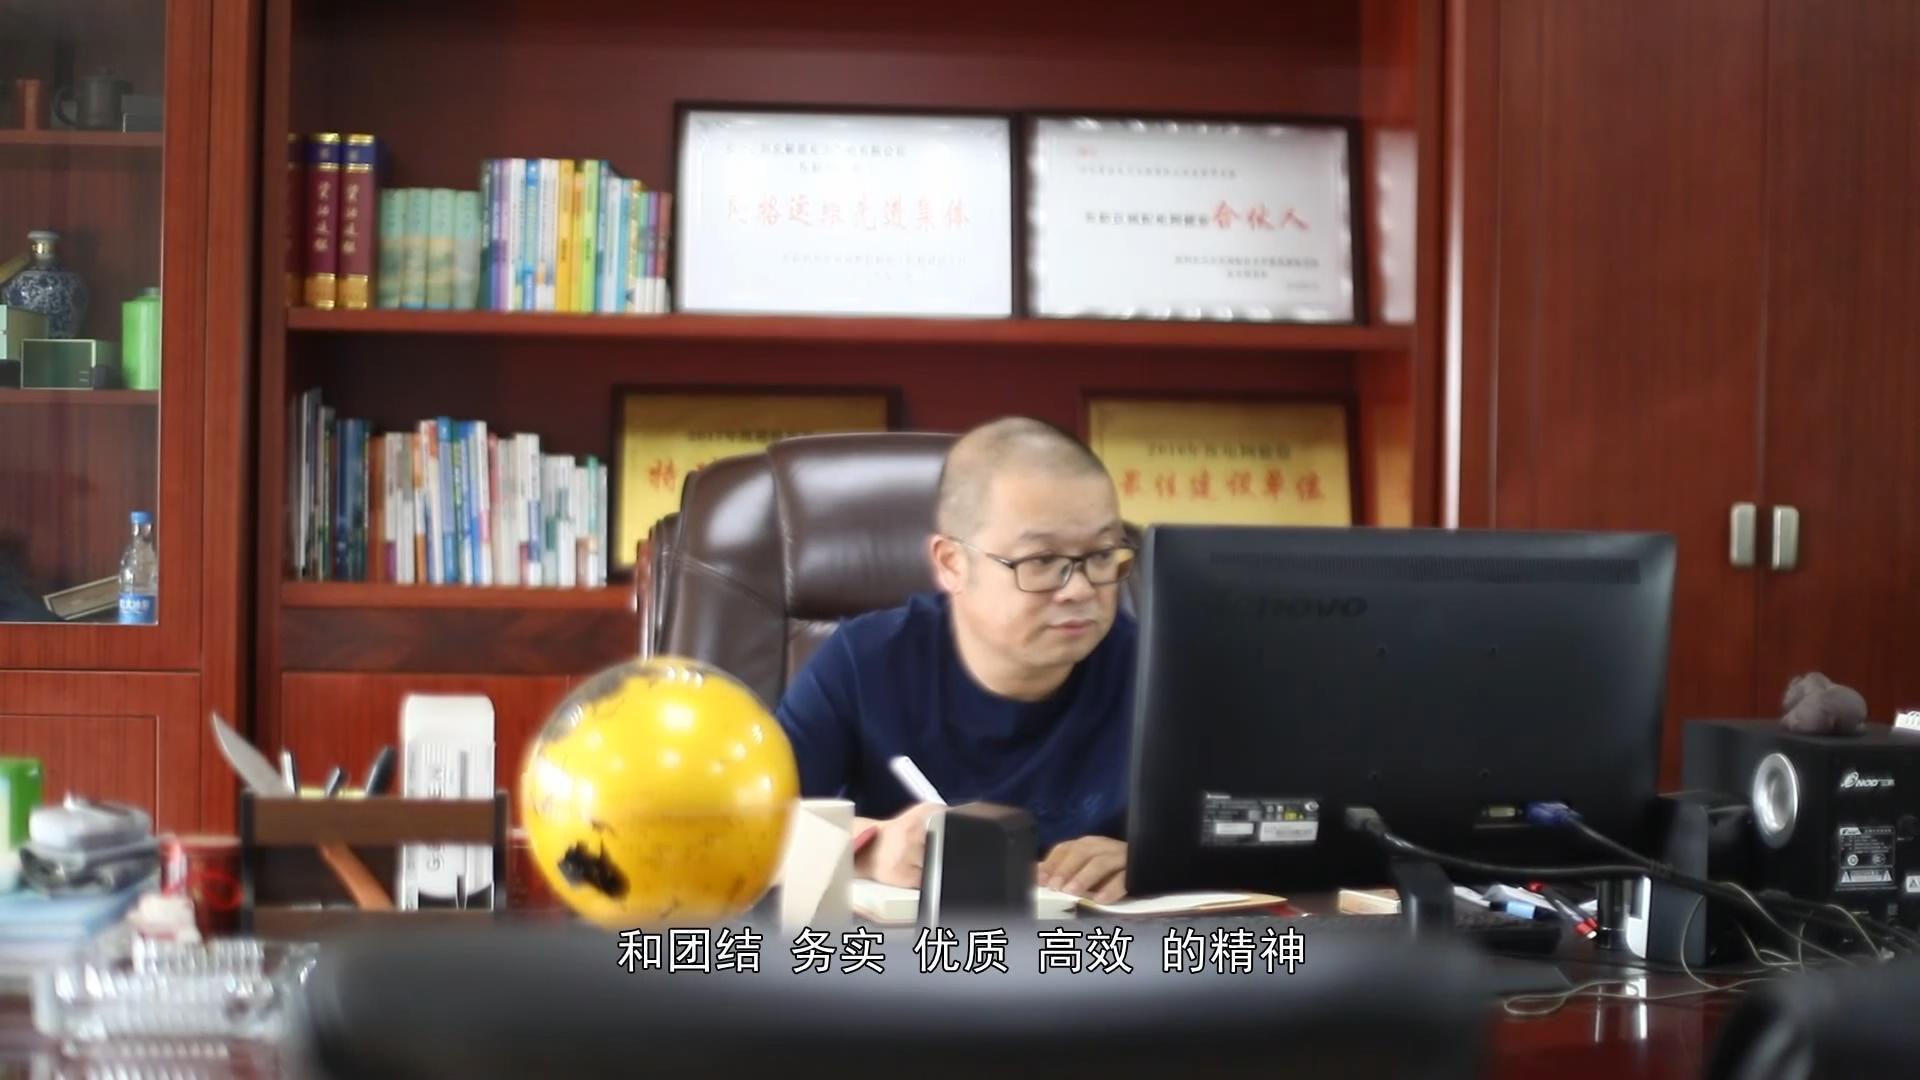 精选照片-04.28馨源电力工程_20190505135425